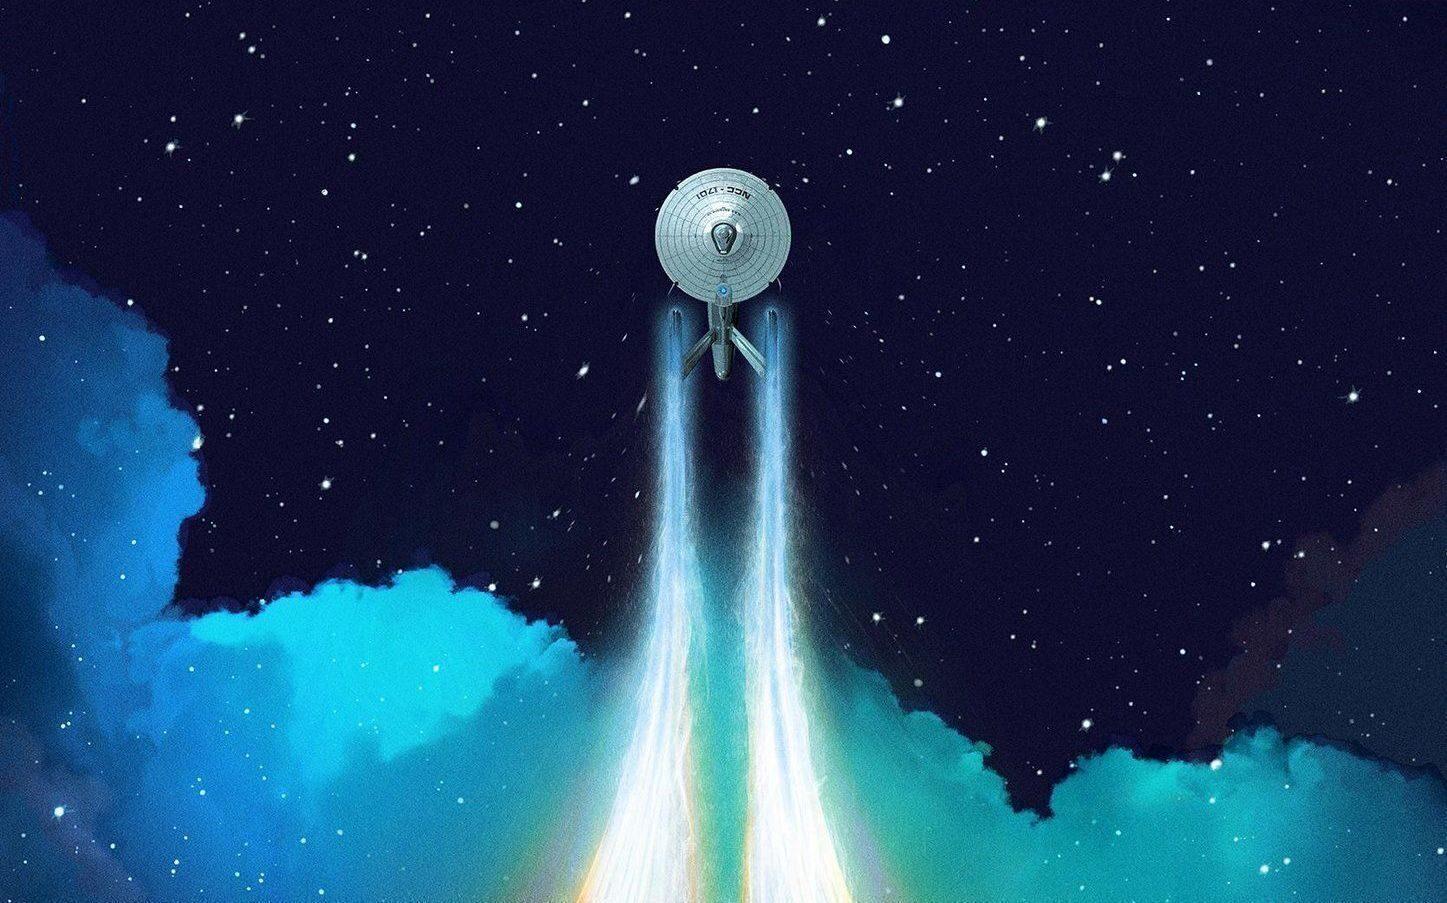 «Стартрек: Бесконечность», или Куда пришел «Звездный путь» за 50 лет